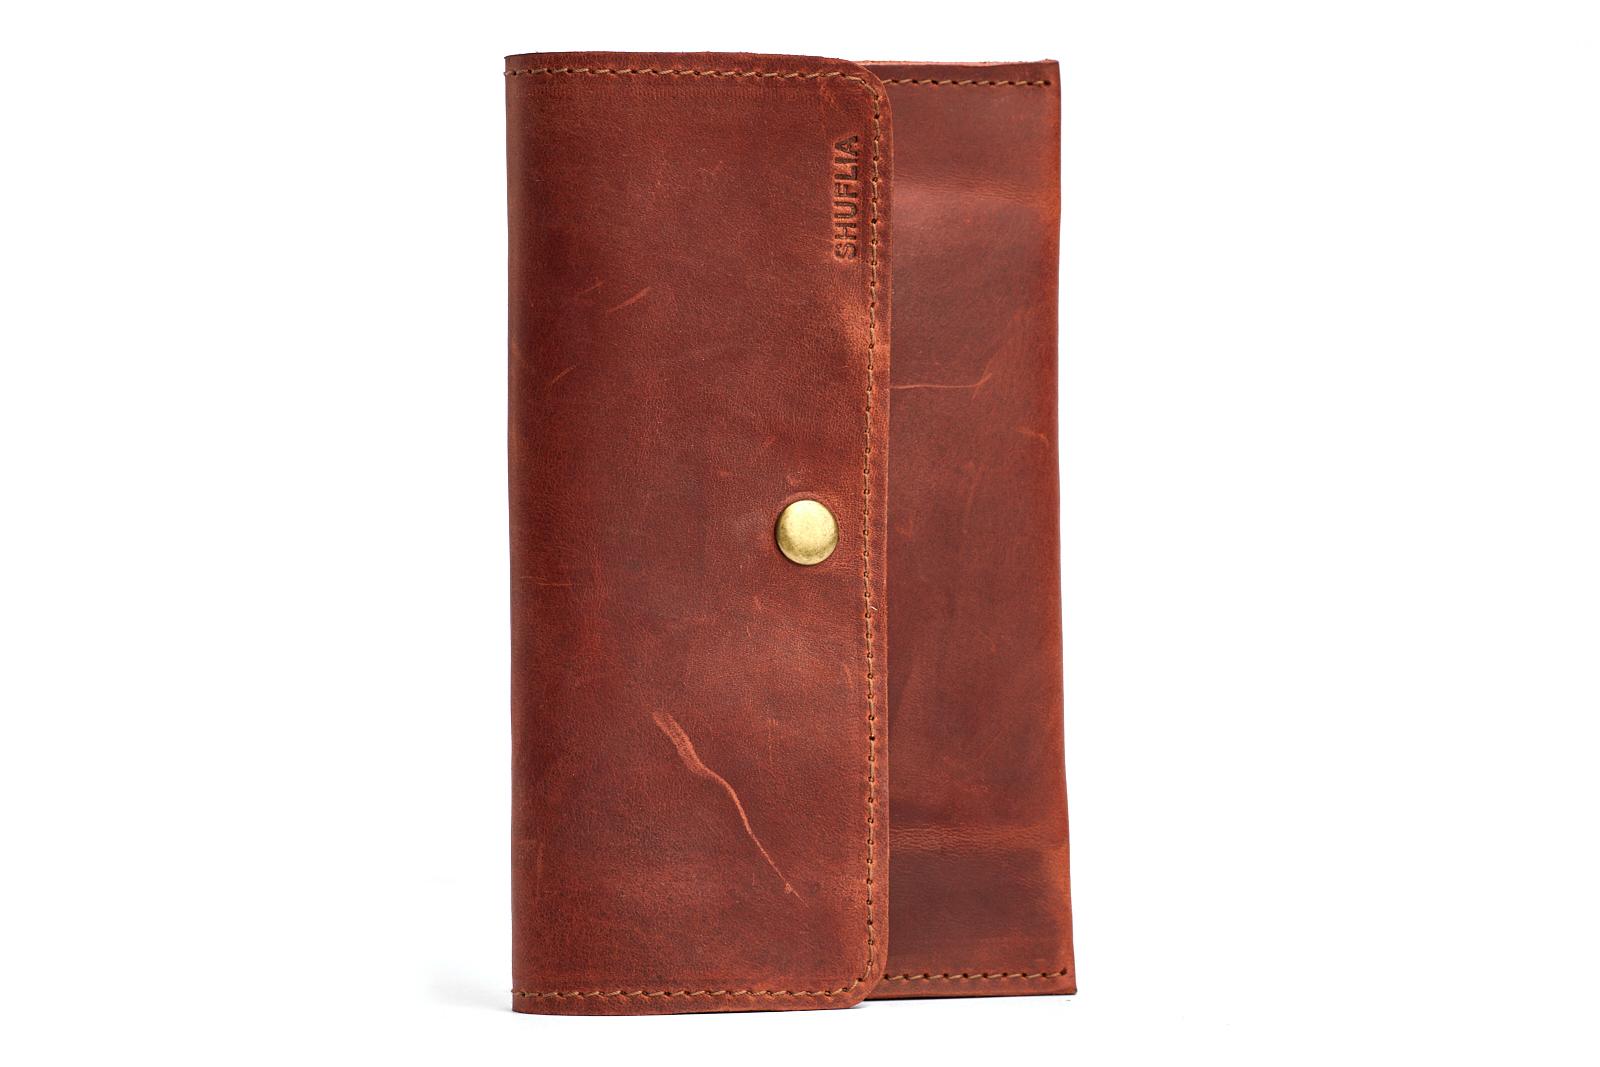 Шкіряний гаманець LOBBY | Shuflia